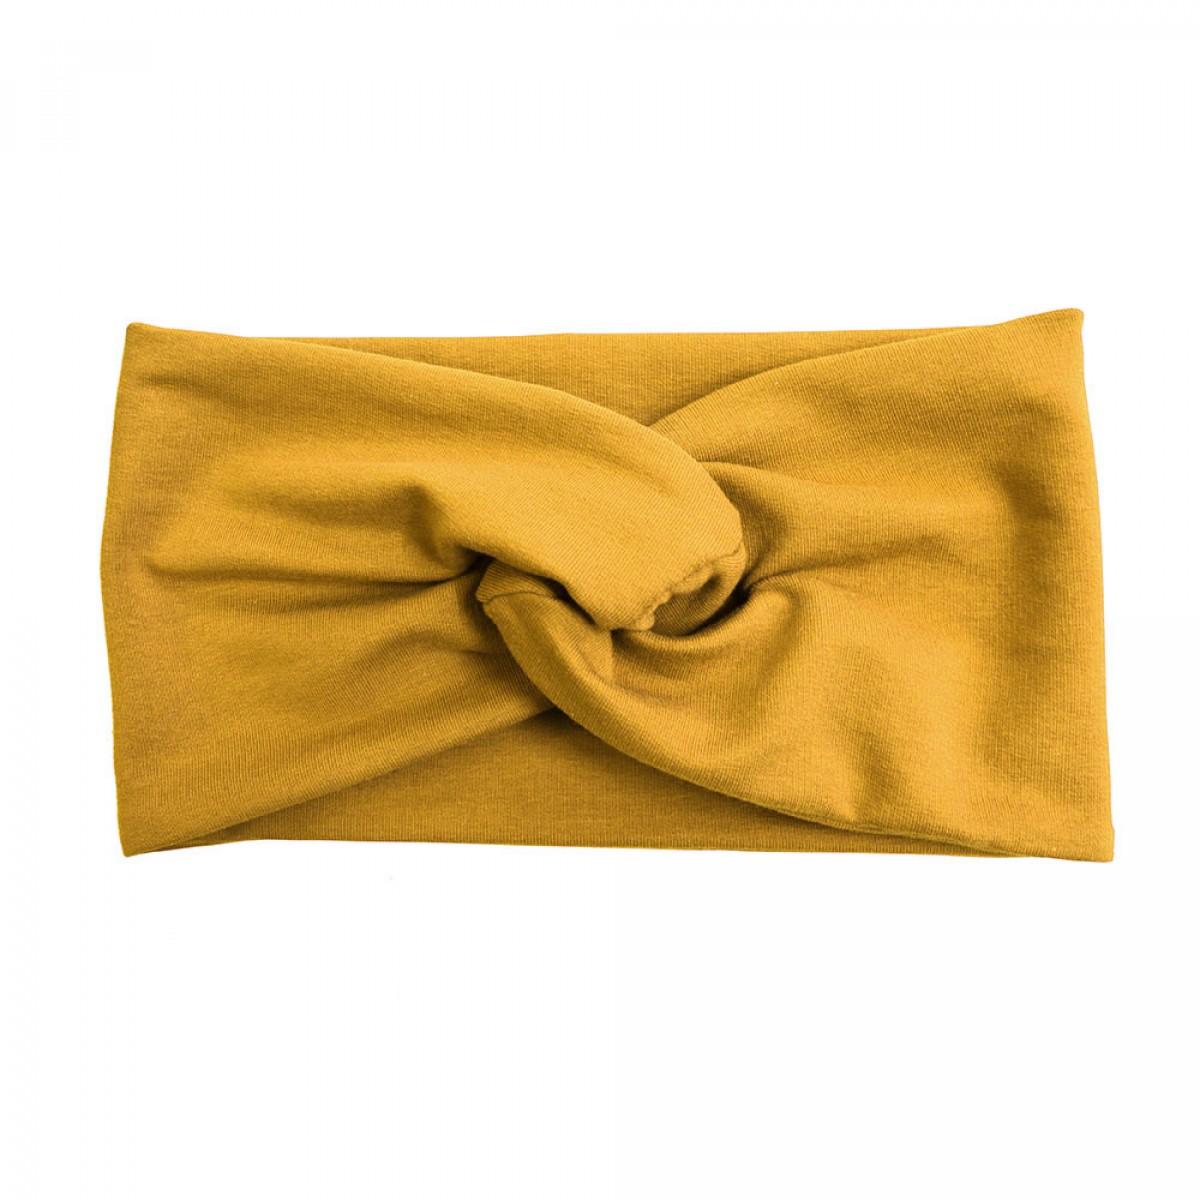 """WiDDA - senfgelbes Stirnband """"Senna"""" aus Baumwollsweat"""